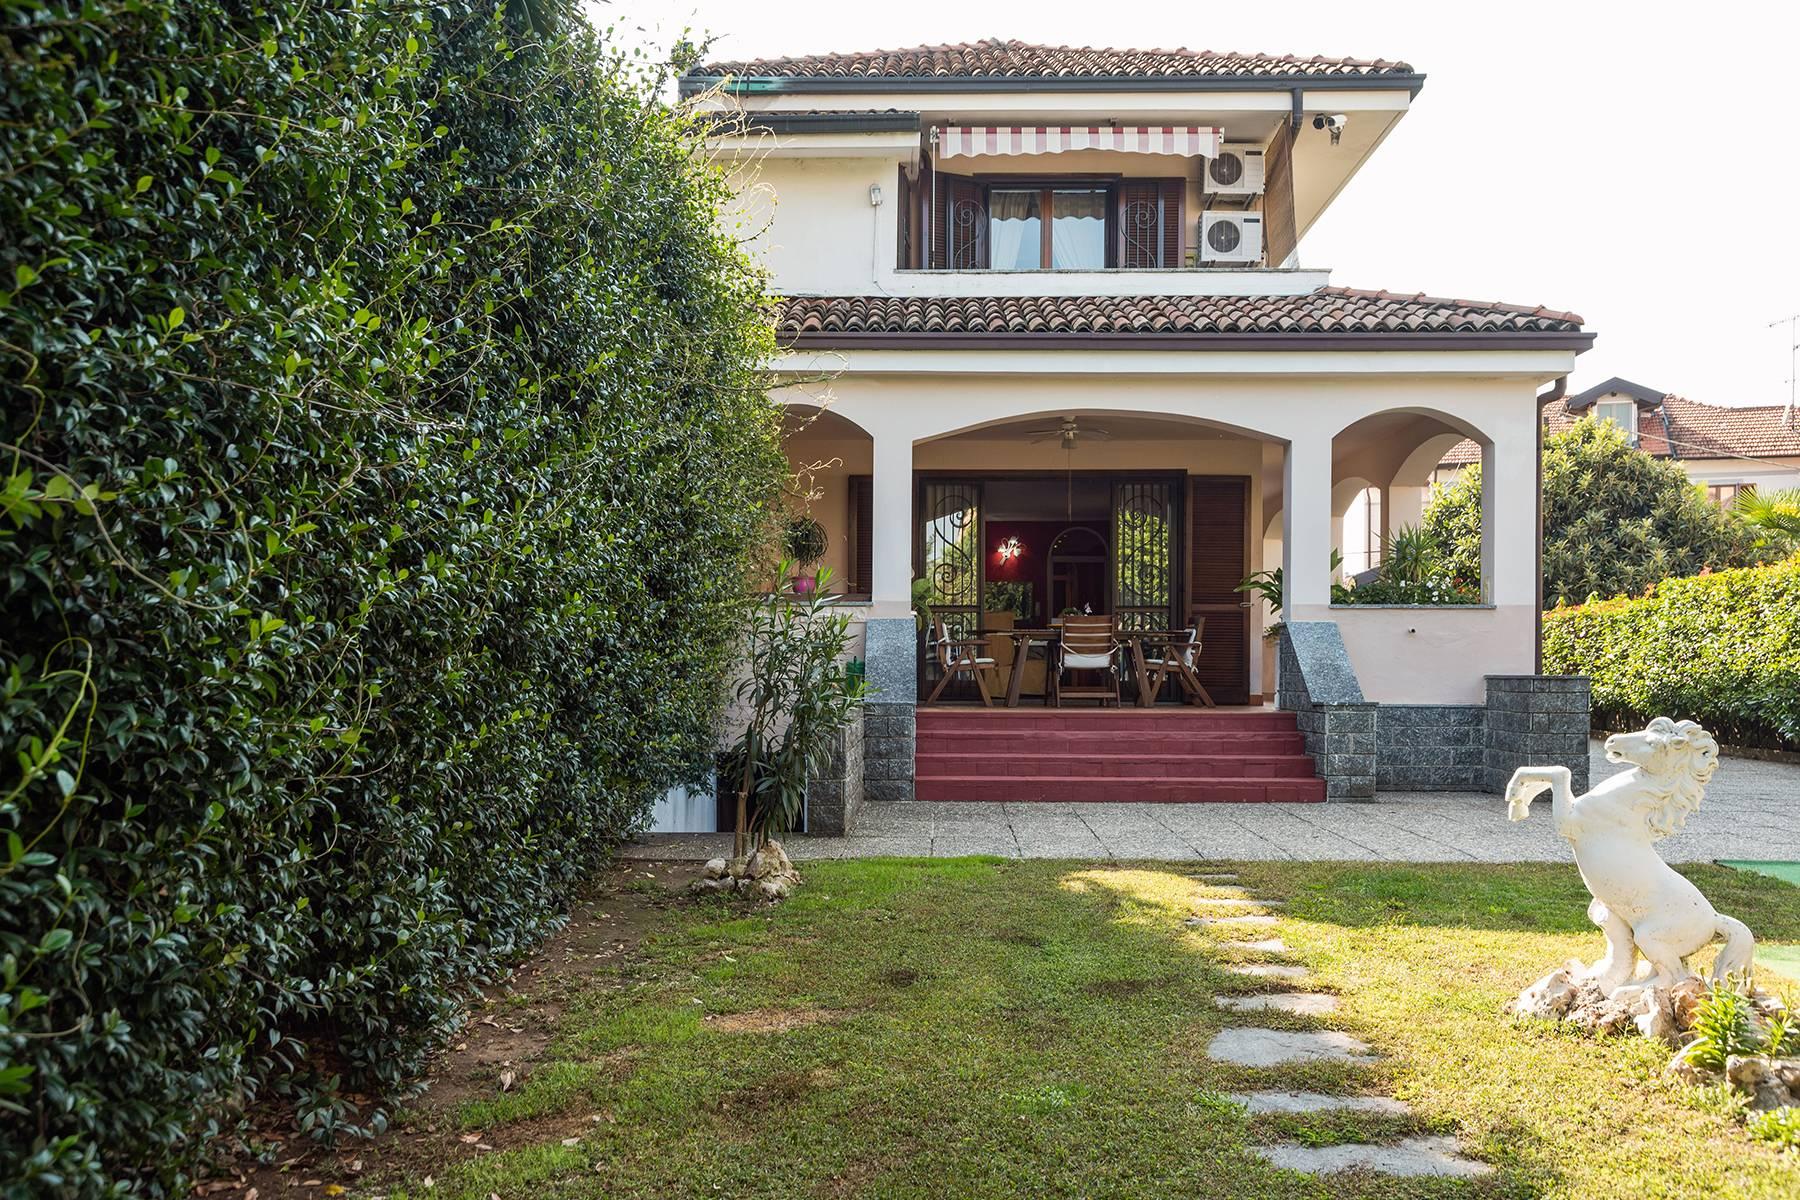 Villa in Vendita a Arona: 5 locali, 246 mq